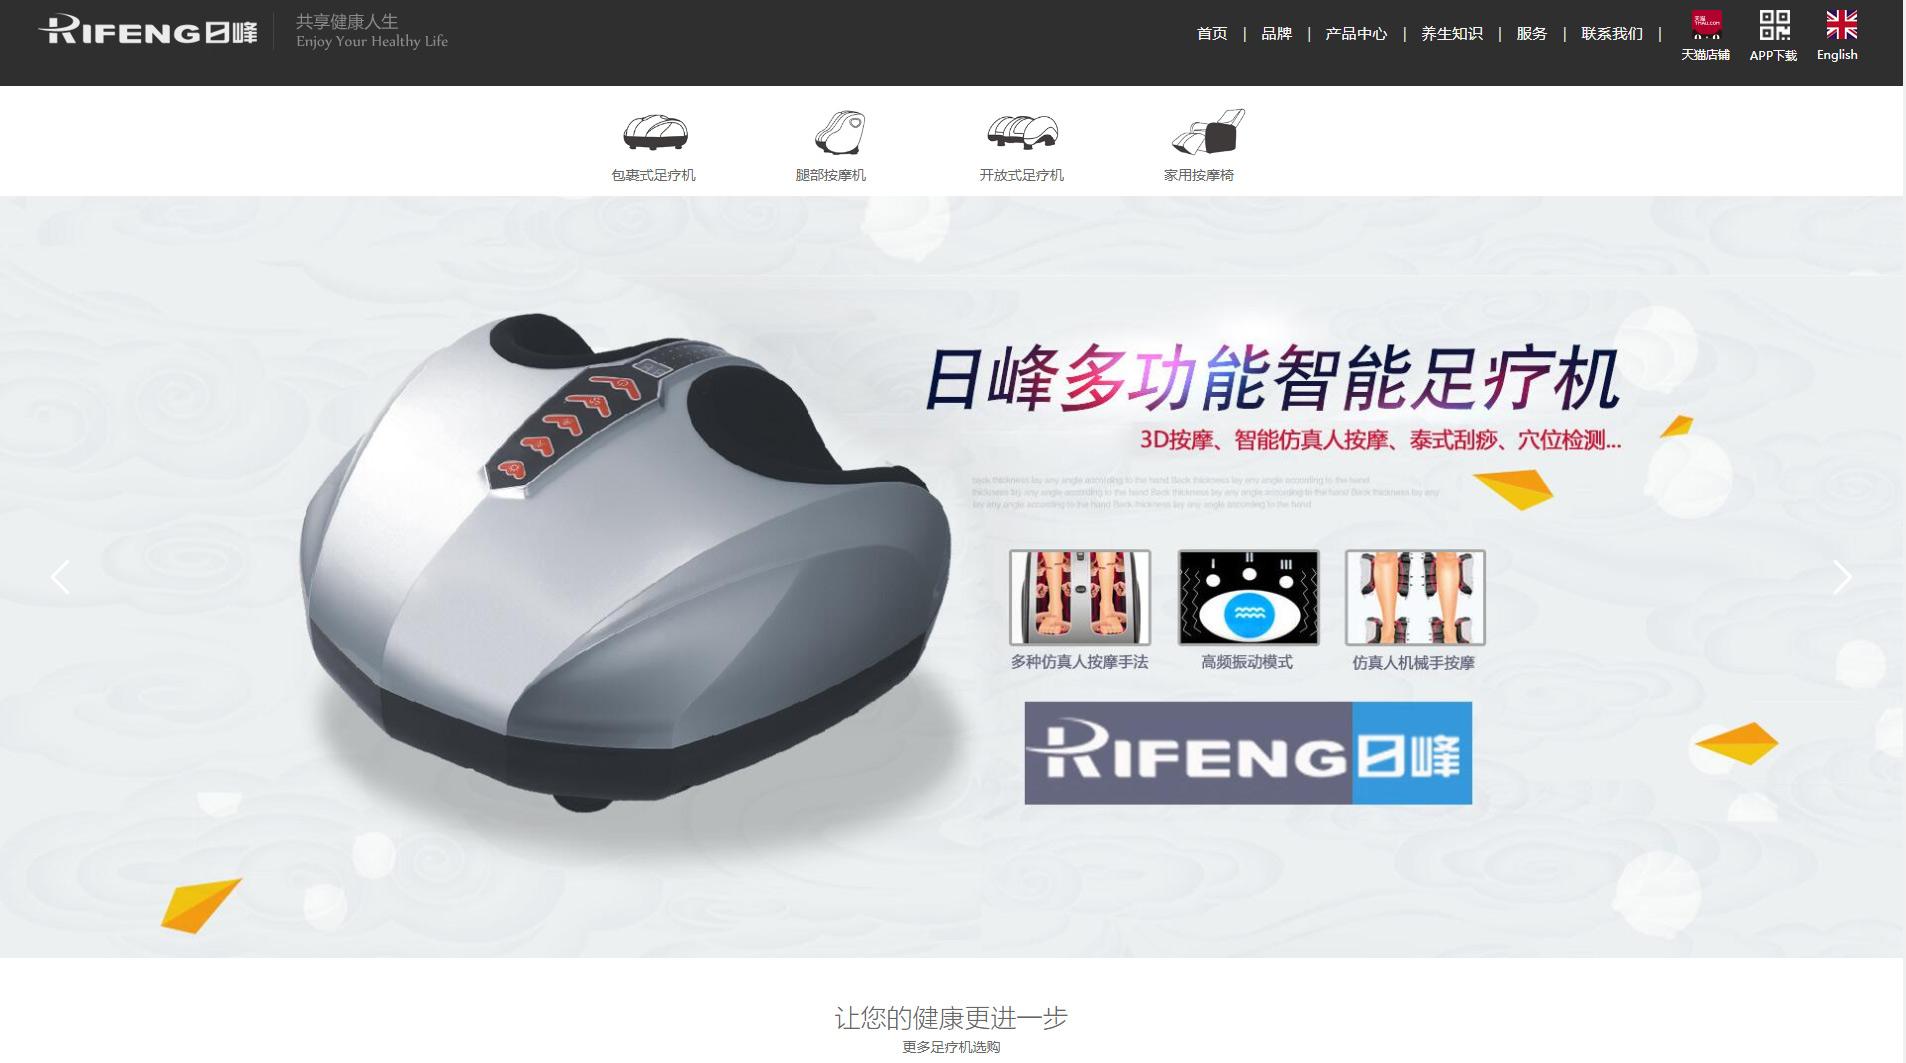 浙江日峰电器有限公司